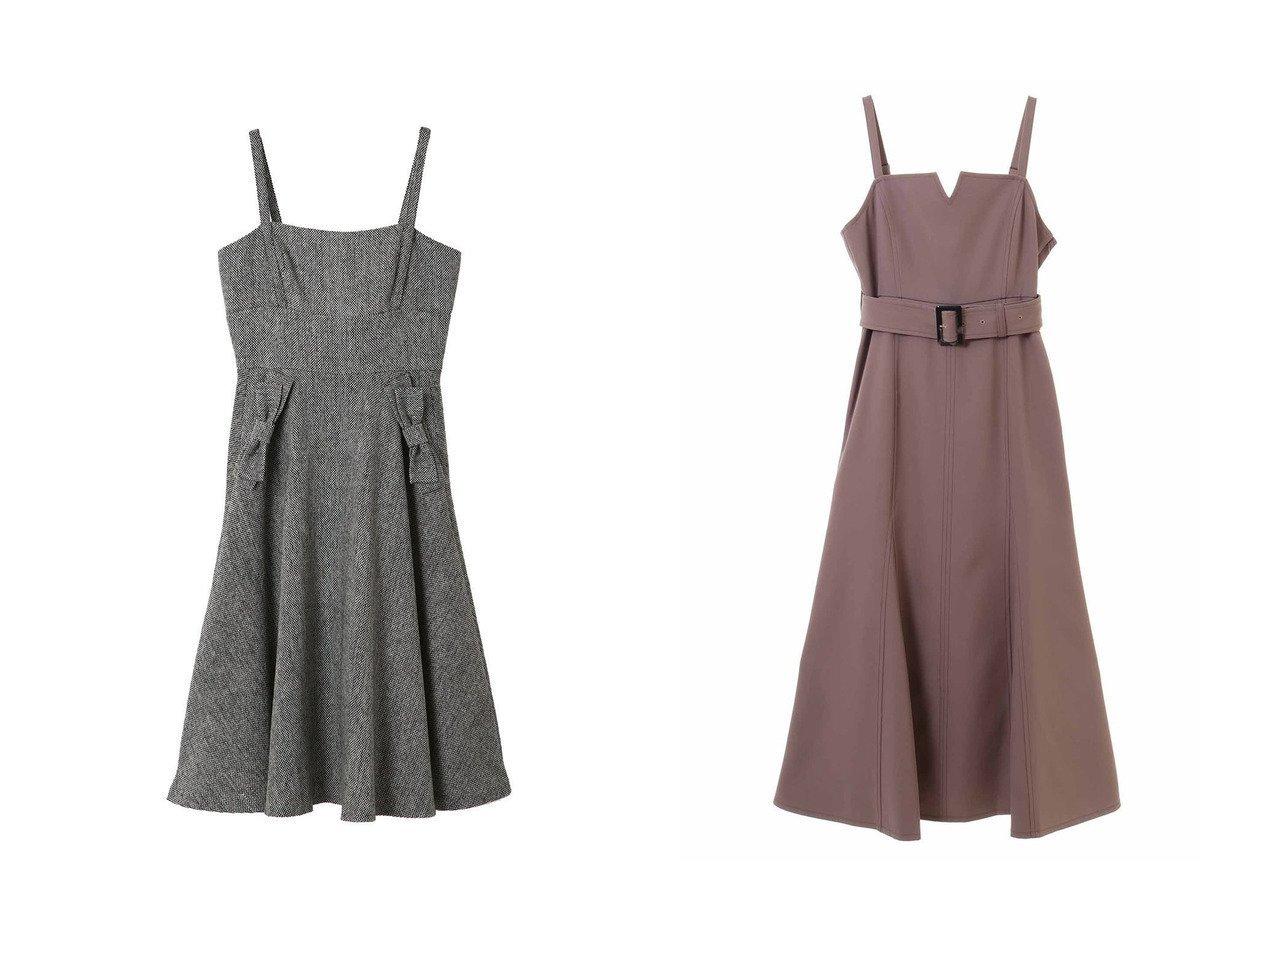 【31 Sons de mode/トランテアン ソン ドゥ モード】のマーメードジャンスカ&ネップツイードジャンスカ 【スカート】おすすめ!人気、トレンド・レディースファッションの通販 おすすめで人気の流行・トレンド、ファッションの通販商品 インテリア・家具・メンズファッション・キッズファッション・レディースファッション・服の通販 founy(ファニー) https://founy.com/ ファッション Fashion レディースファッション WOMEN スカート Skirt インナー ツイード ネップ ポケット ラップ リボン 冬 Winter A/W・秋冬 AW・Autumn/Winter・FW・Fall-Winter 2021年 2021 2021-2022秋冬・A/W AW・Autumn/Winter・FW・Fall-Winter・2021-2022 |ID:crp329100000072095